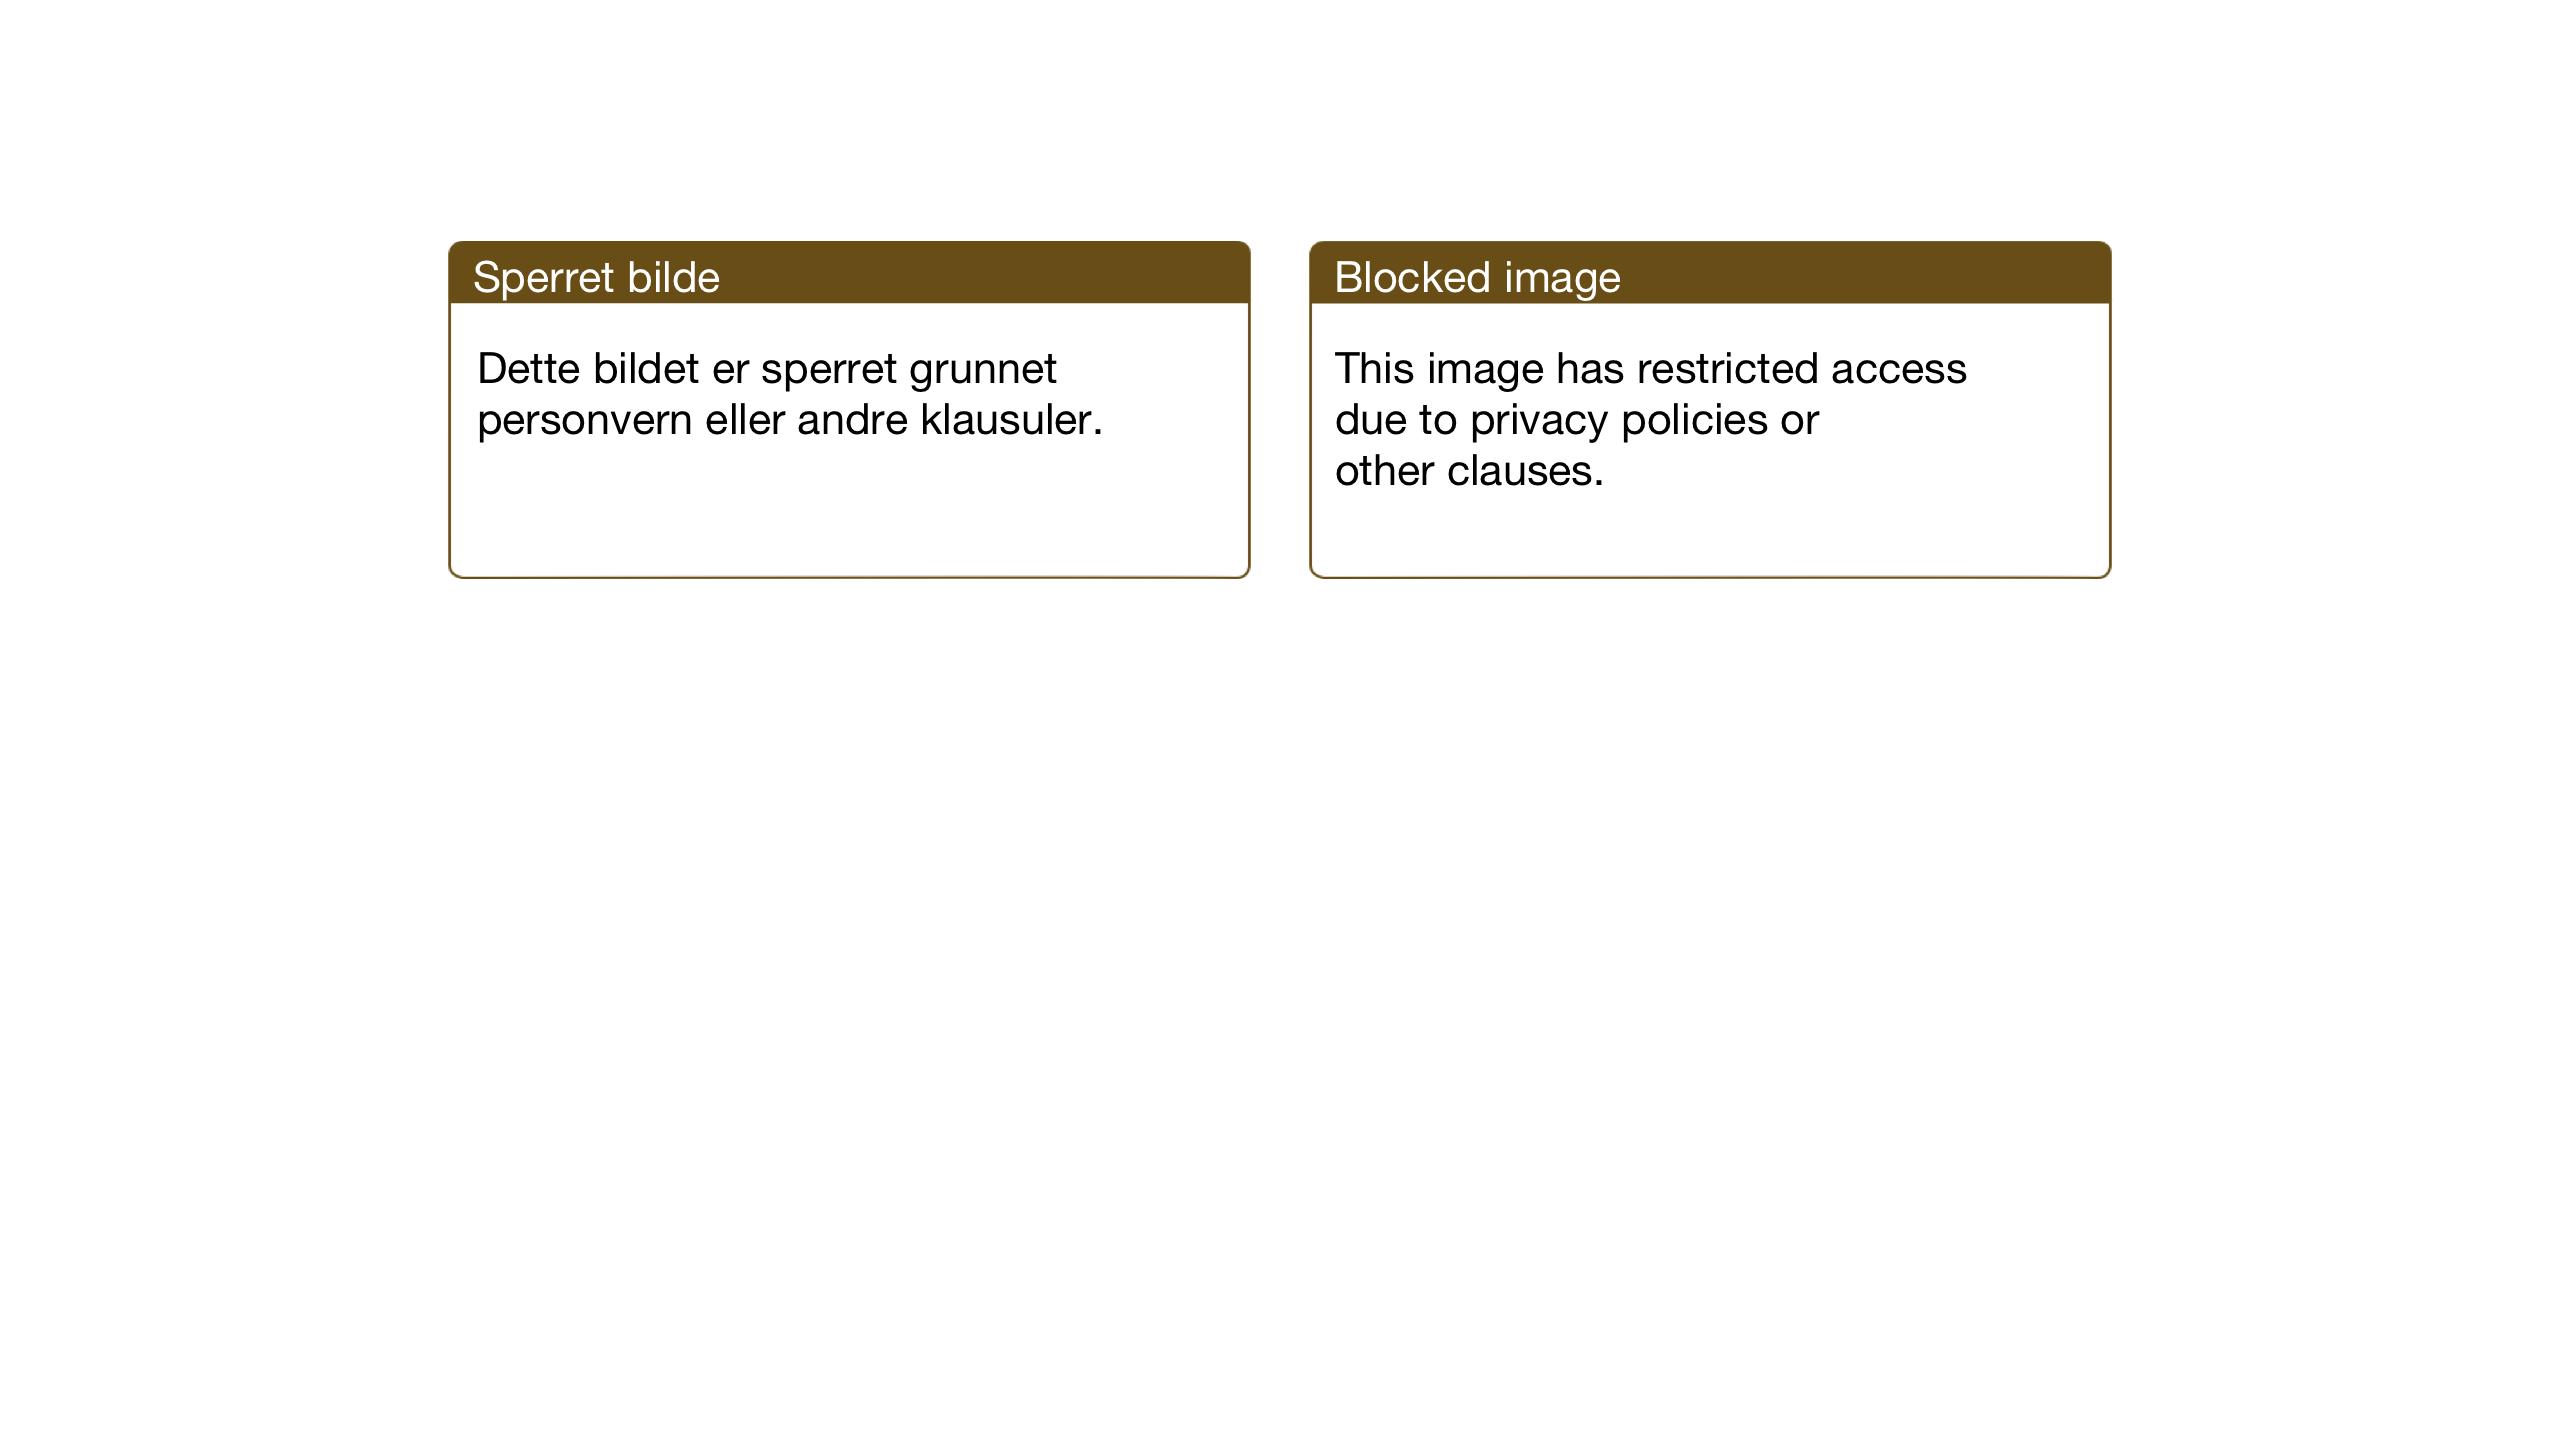 SAT, Ministerialprotokoller, klokkerbøker og fødselsregistre - Sør-Trøndelag, 657/L0718: Klokkerbok nr. 657C05, 1923-1948, s. 63